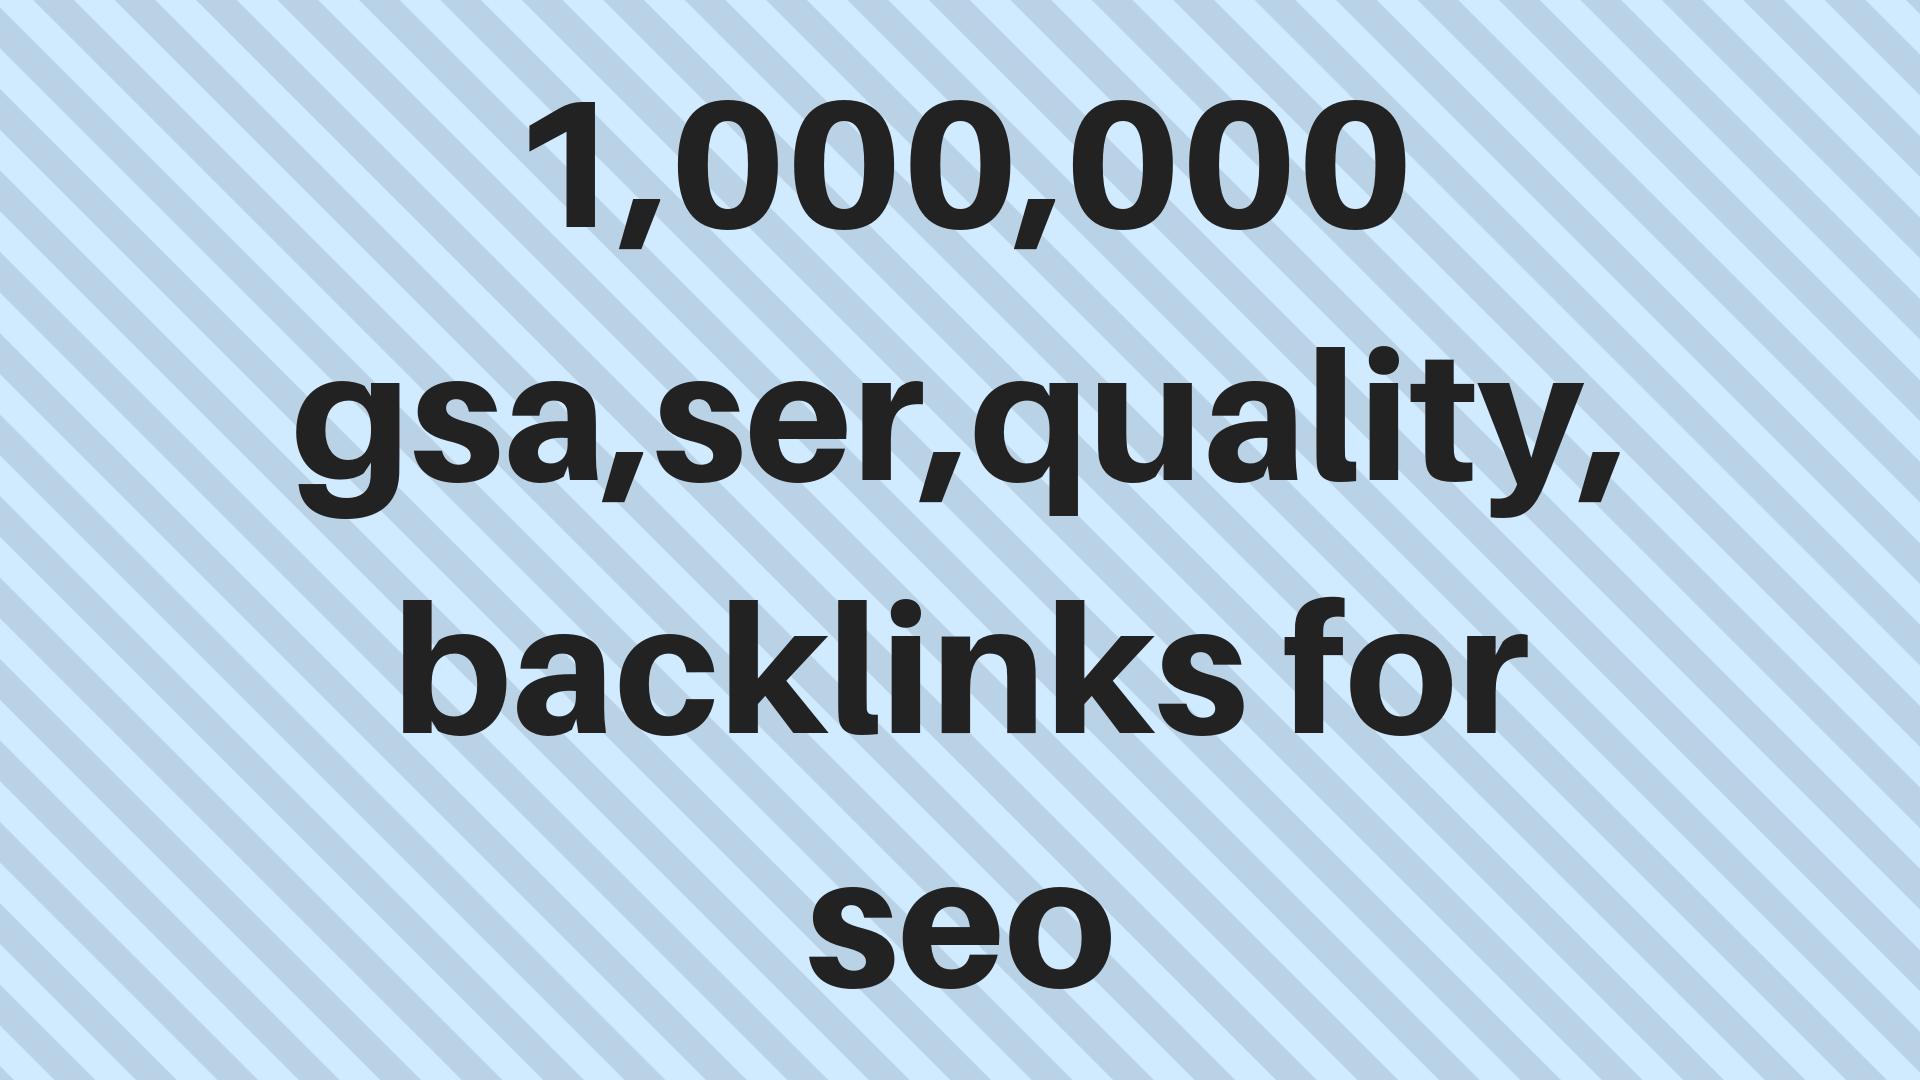 1,000,000 gsa, ser, quality, backlinks for seo